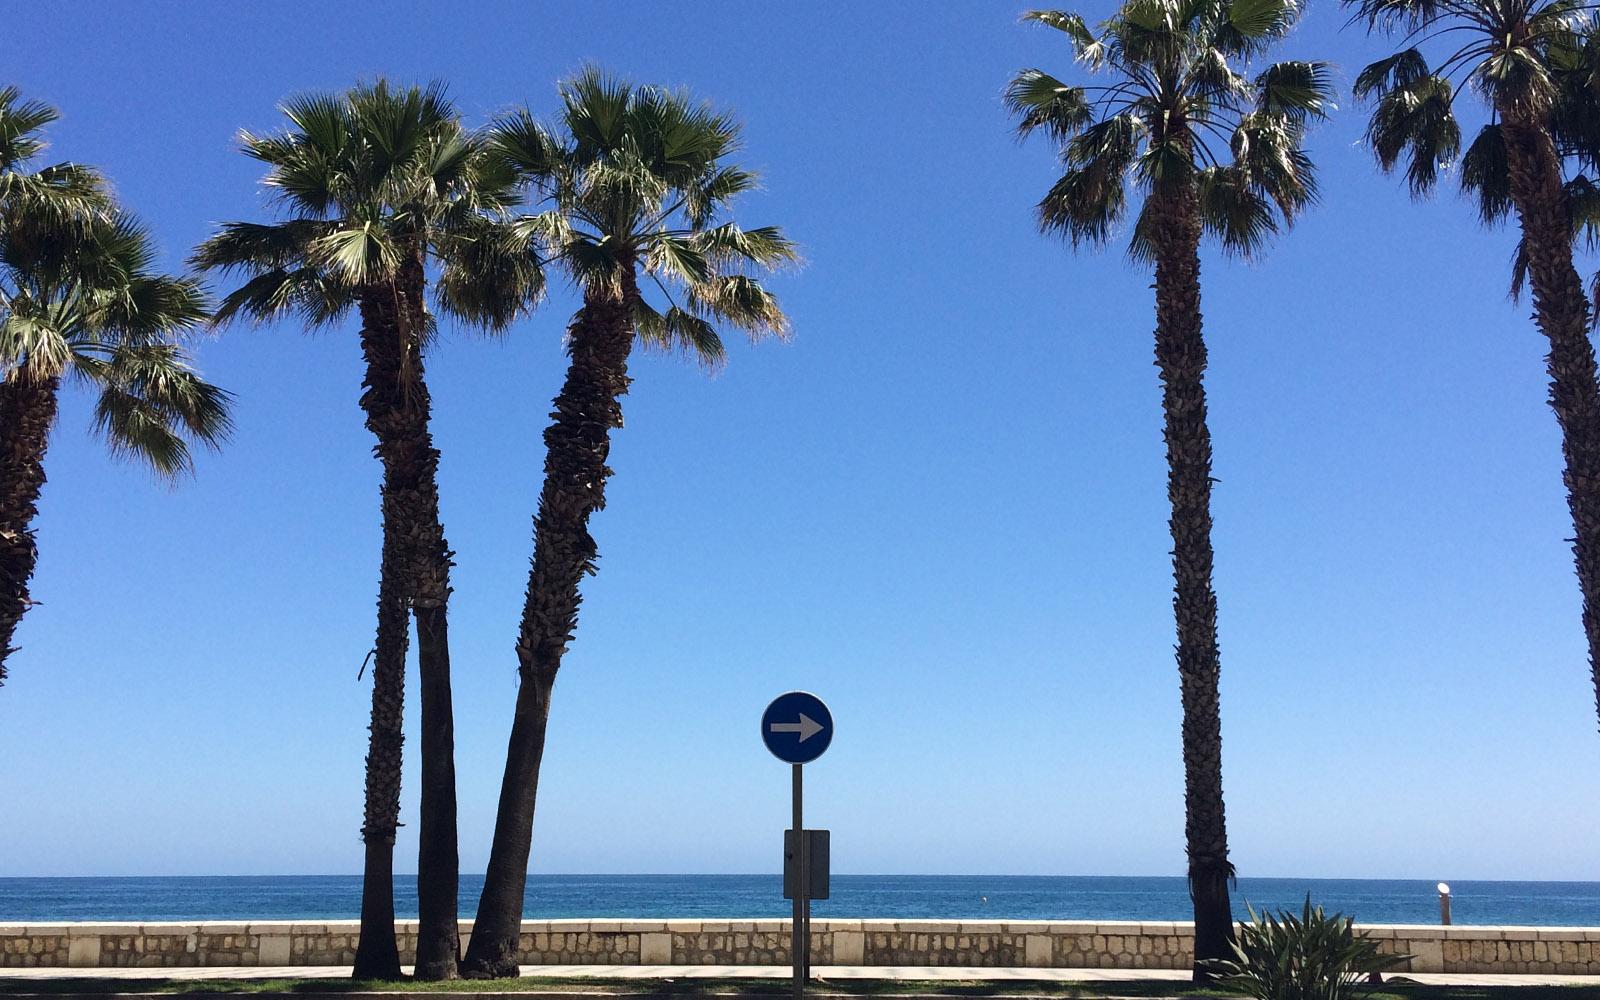 Il quartiere della Malagueta, dove si trovano le spiagge.